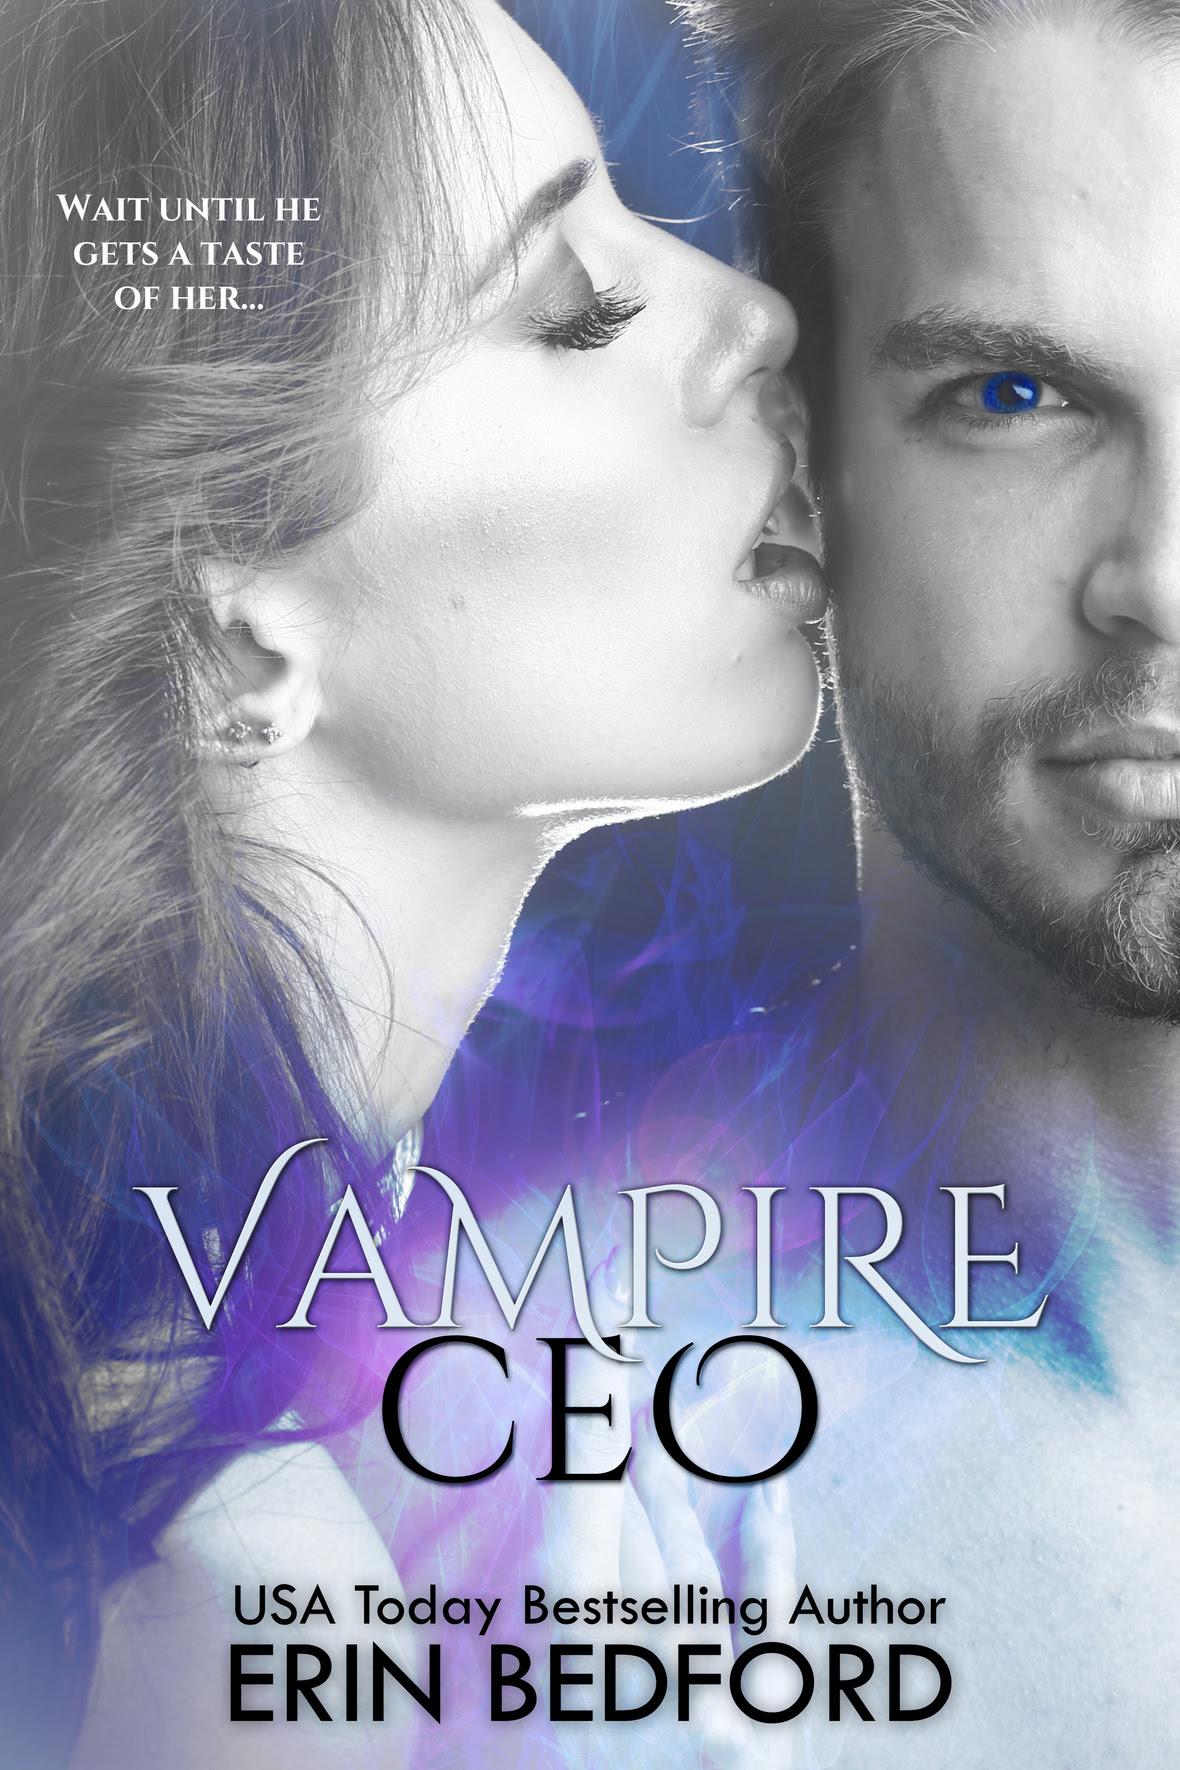 VampireCEO - ebookFinal3